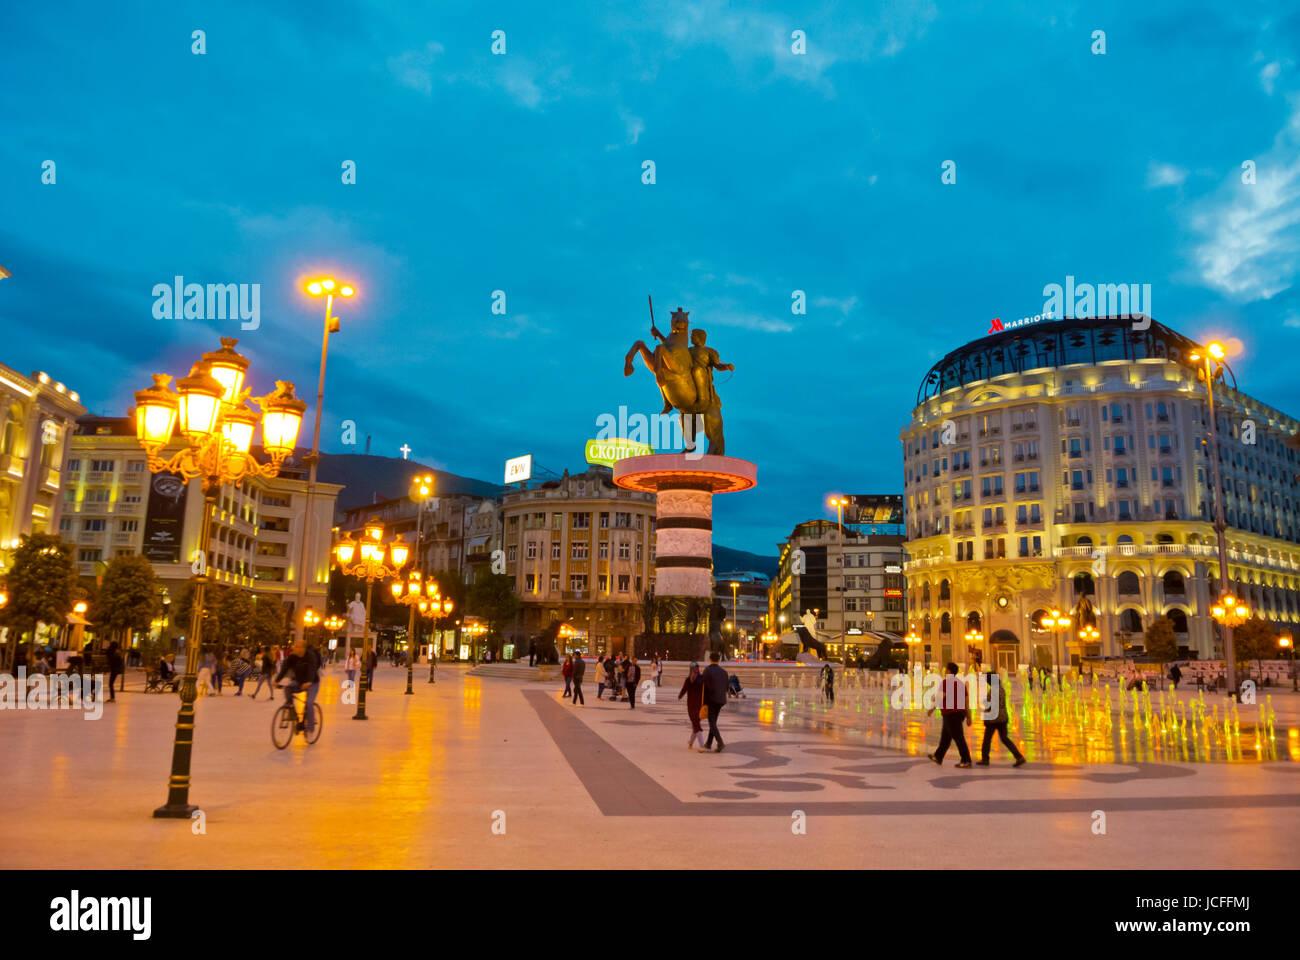 Plostad Makedonija, Macedonia square, Skopje, Macedonia - Stock Image